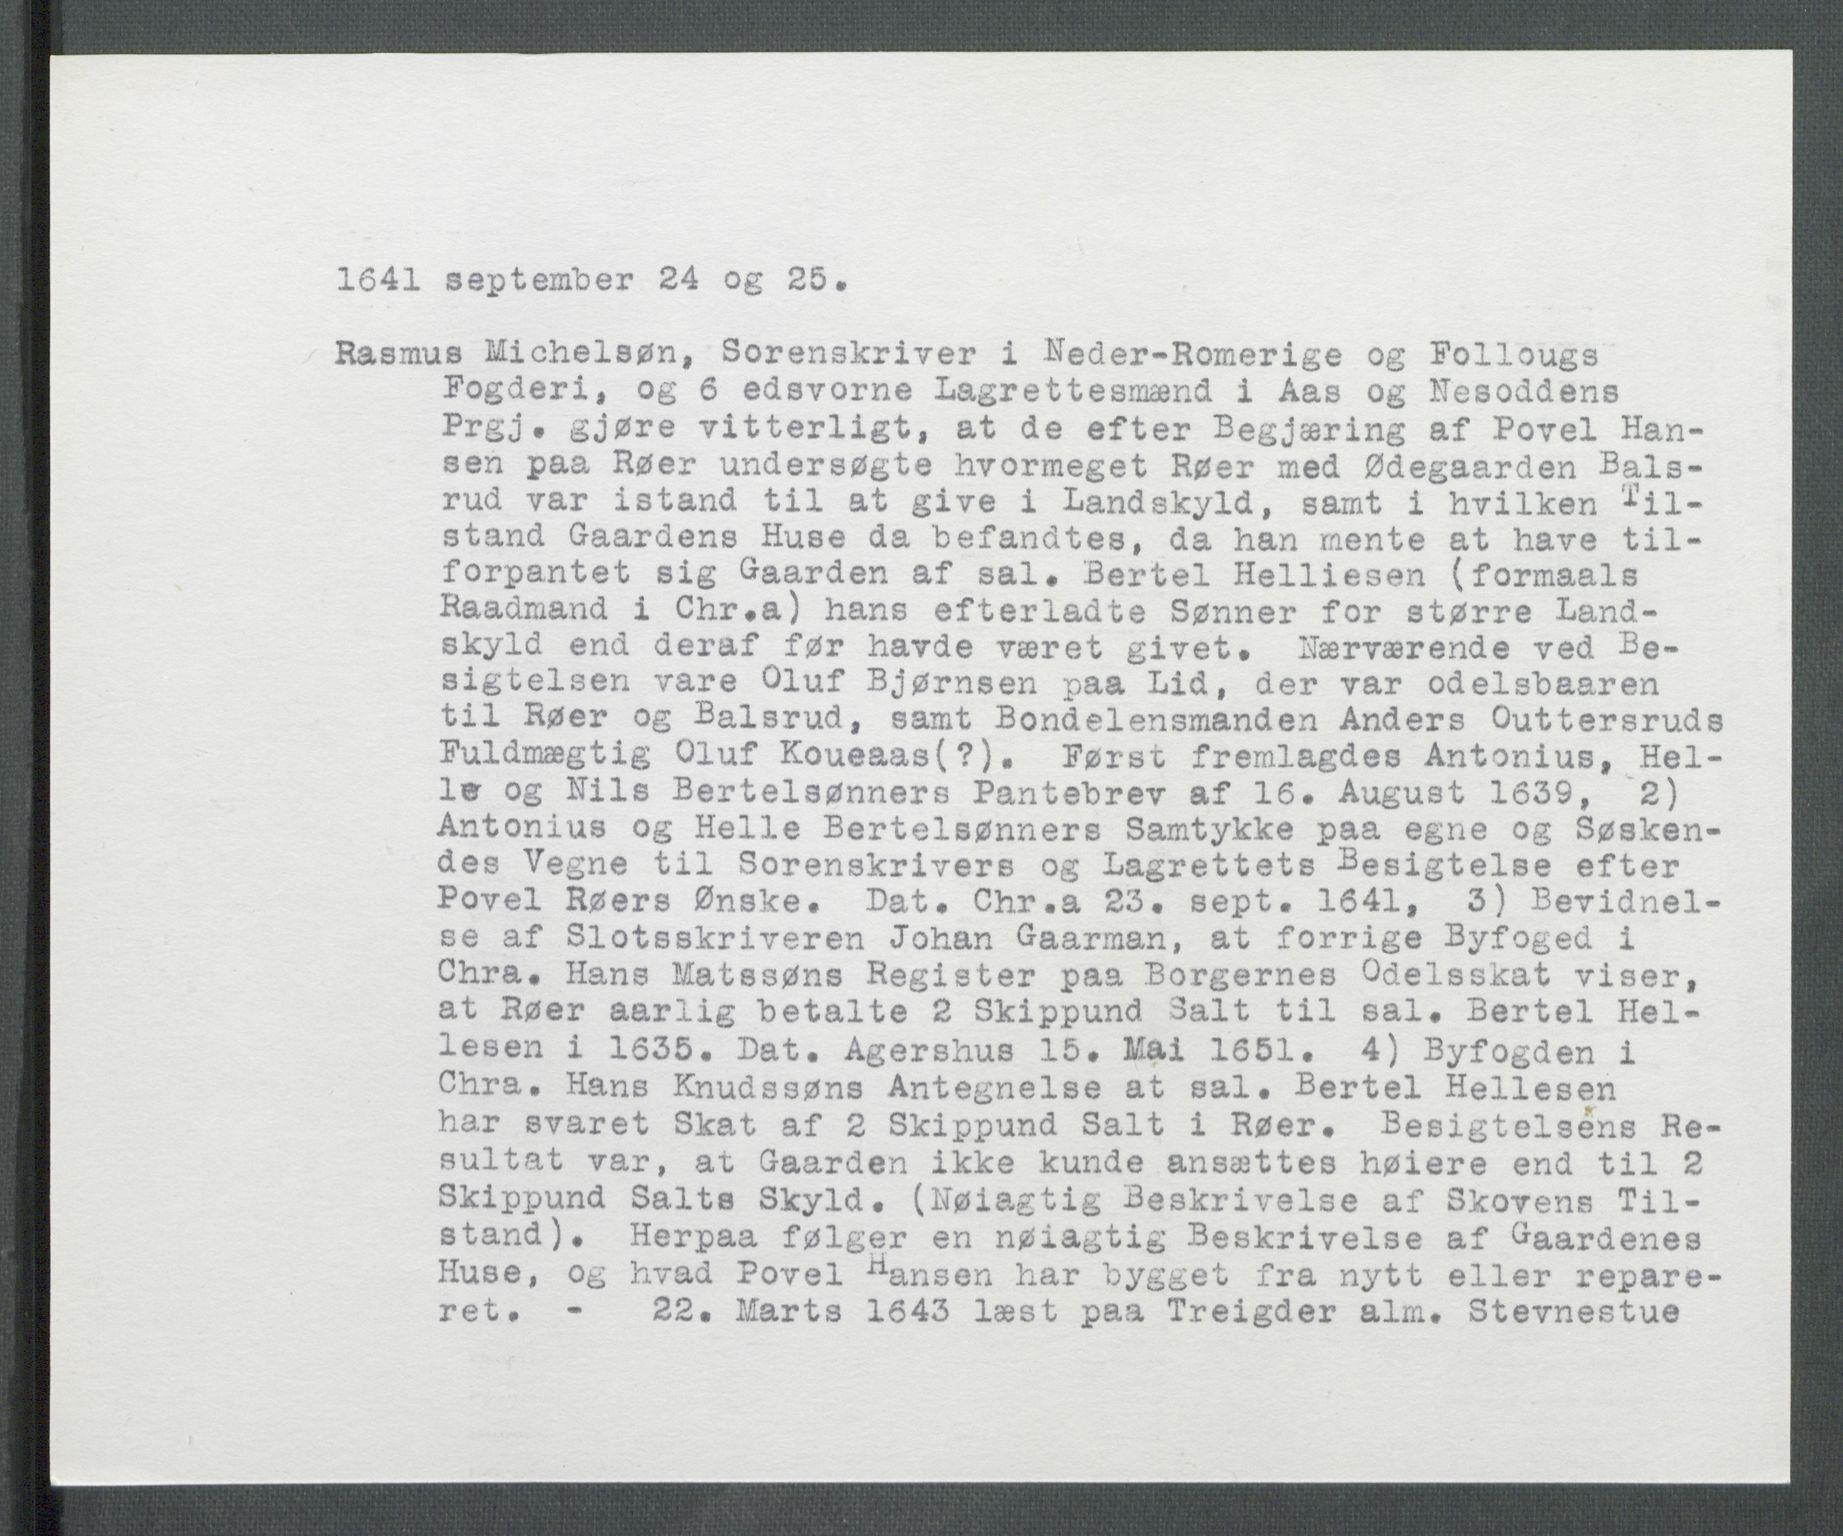 RA, Riksarkivets diplomsamling, F02/L0154: Dokumenter, 1641, p. 43